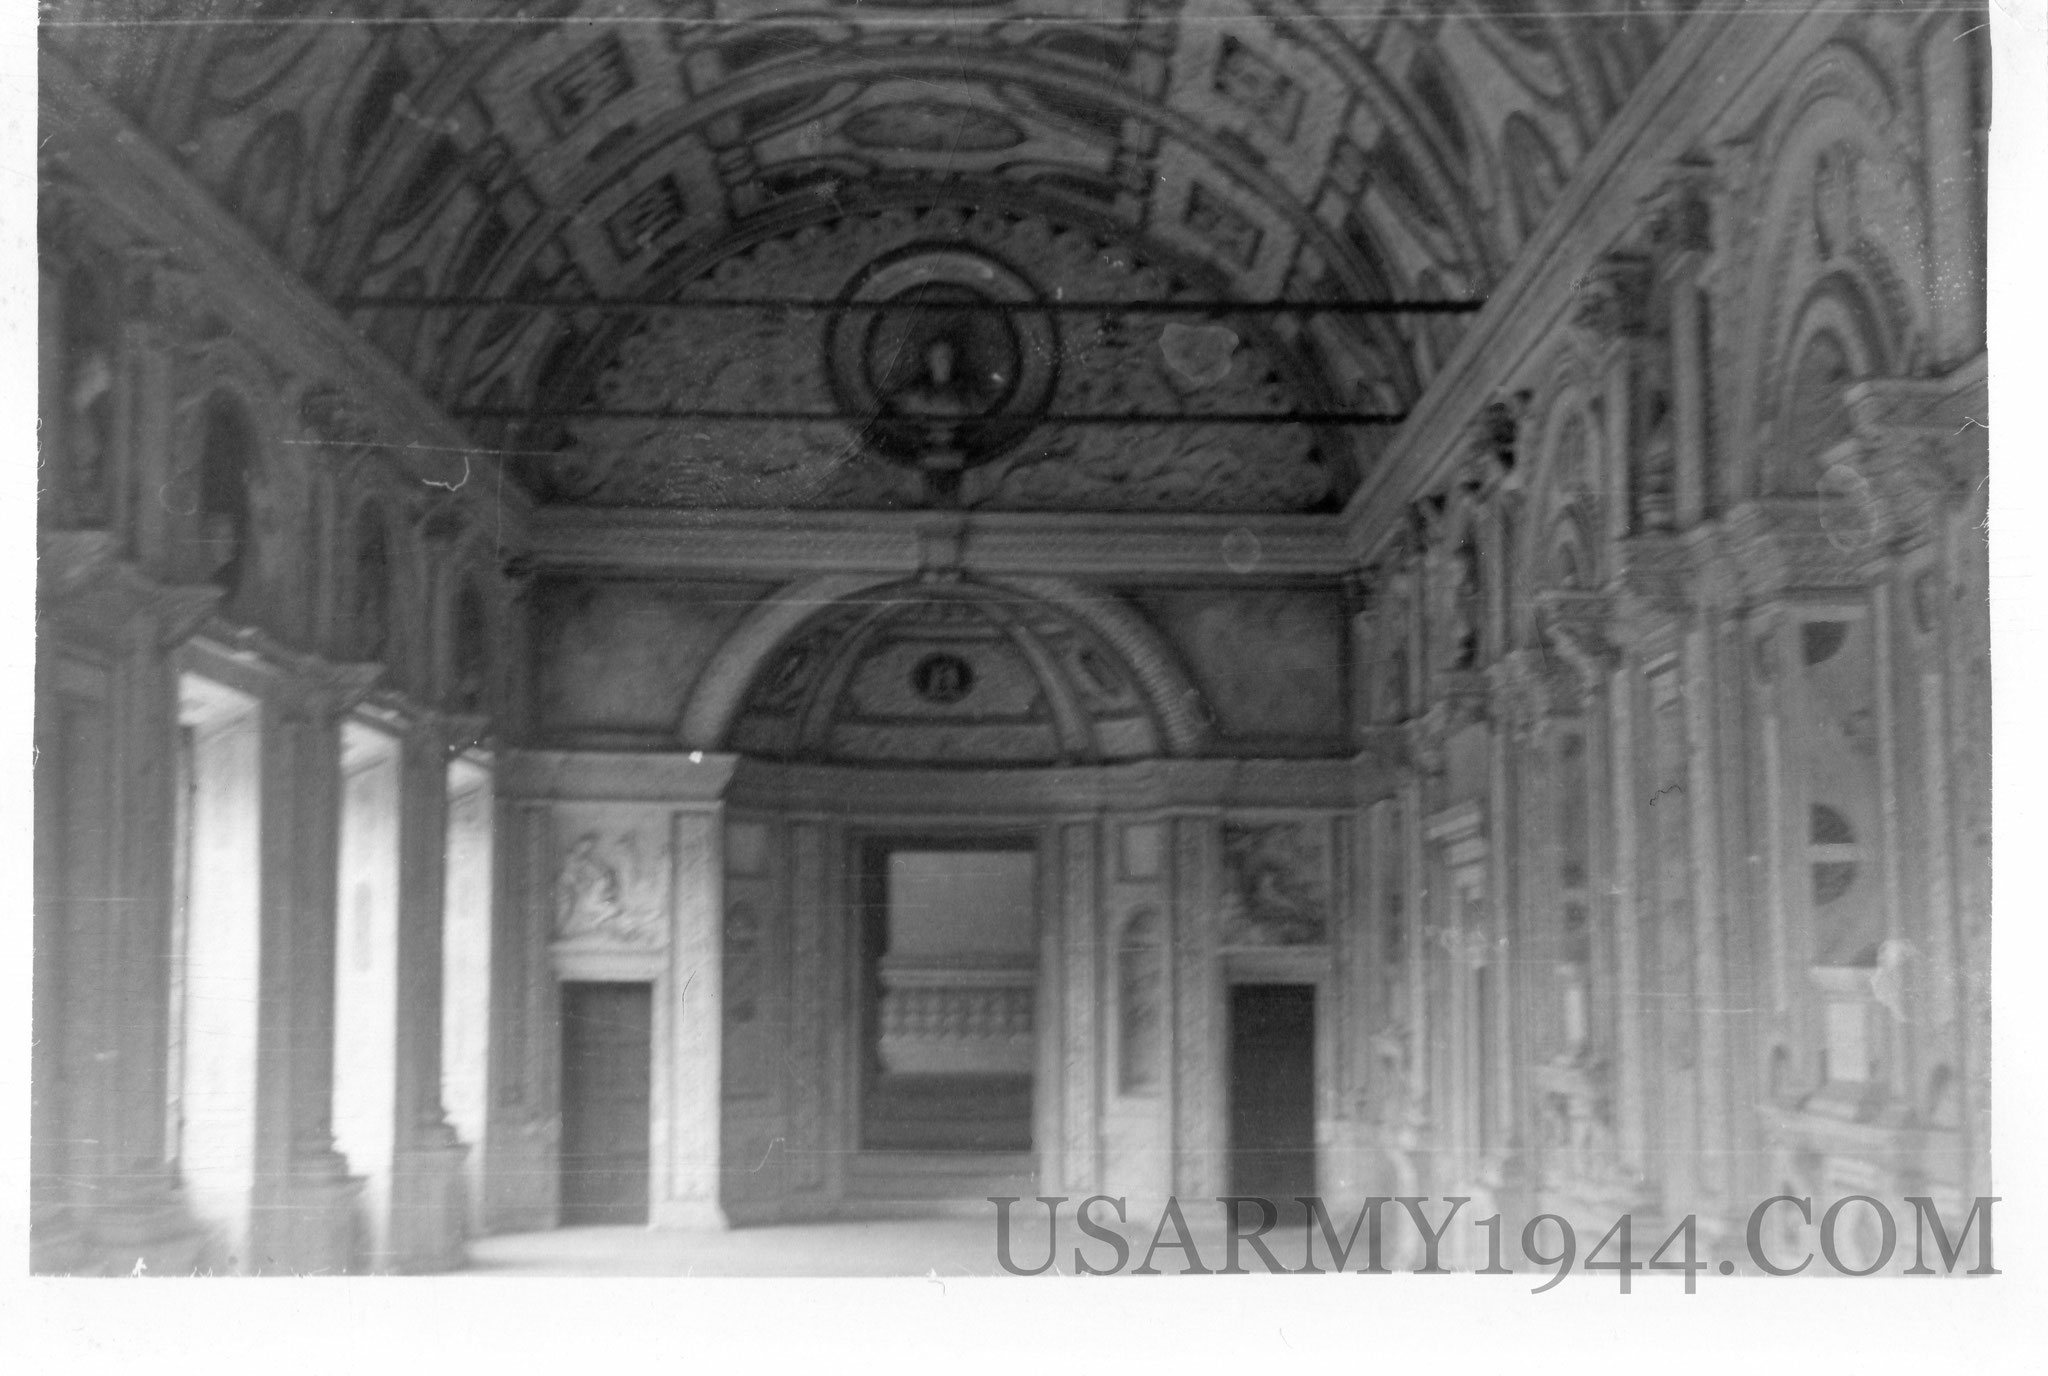 Stanza del Palazzo Ducale Mantova